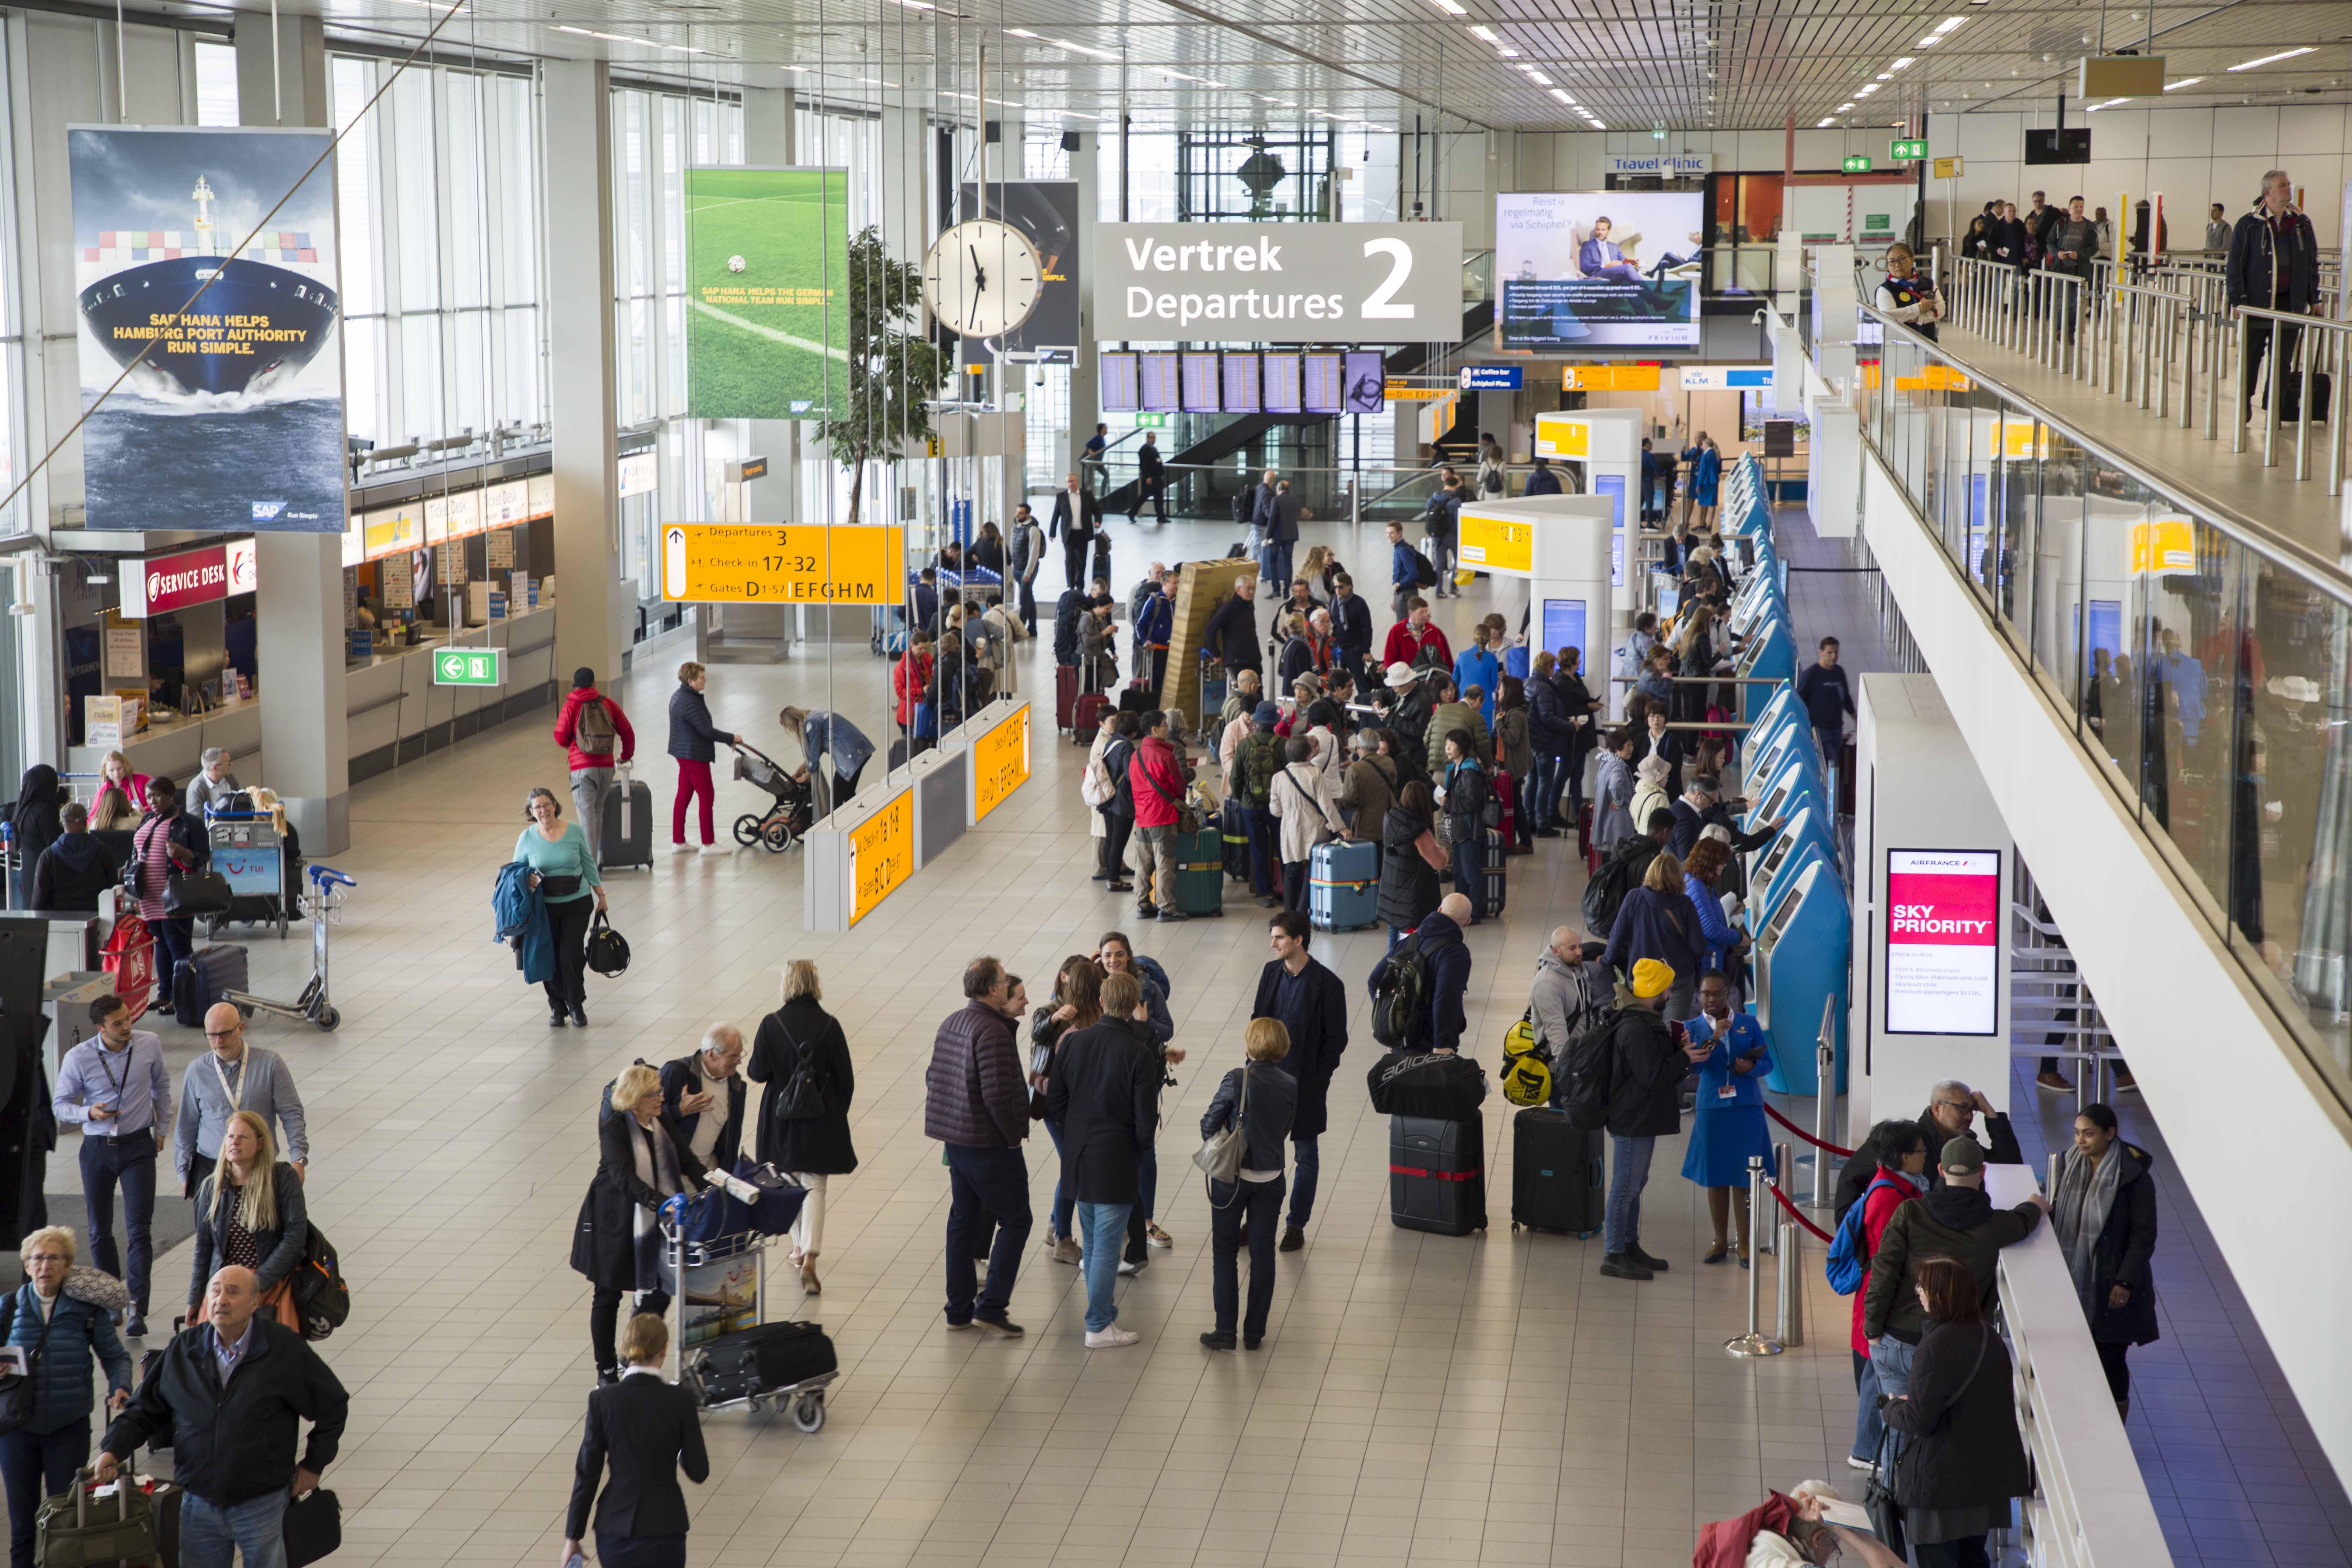 Amsterdam Schiphol har succes med ny teknologi til at overvåge passagermængderne i lufthavnen. Foto: Amsterdam Schiphol